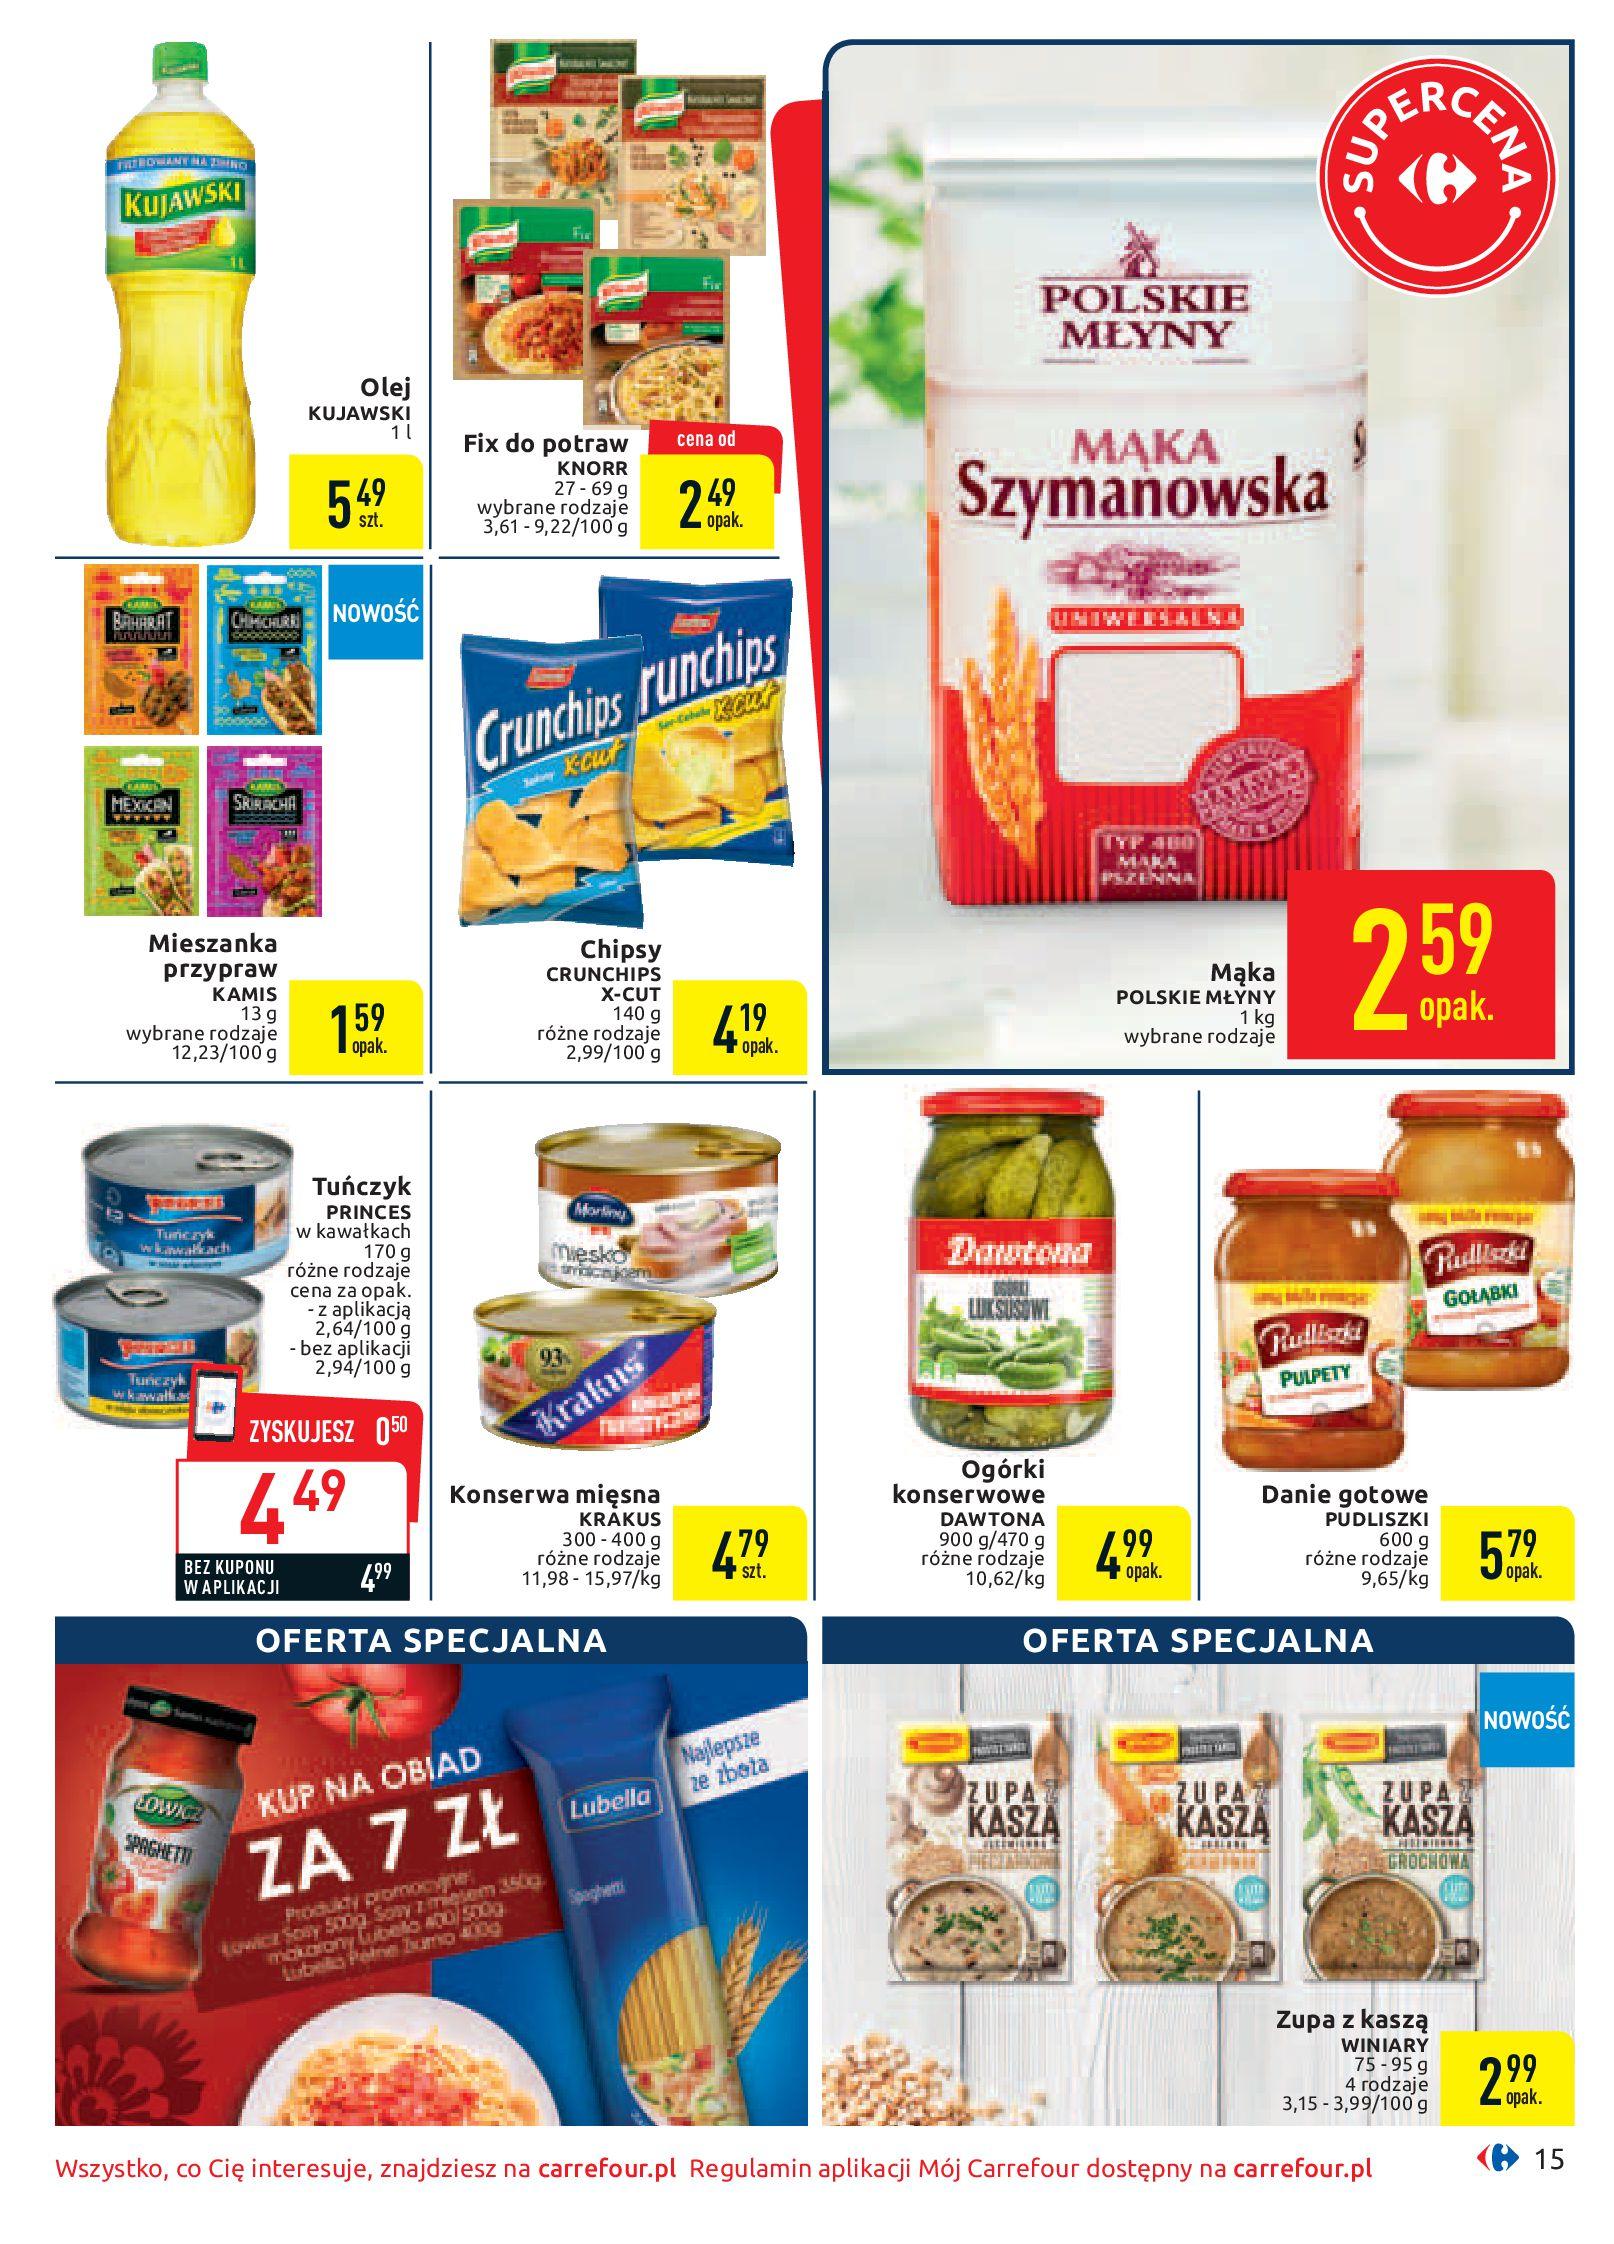 Gazetka Carrefour - Konkretne działania, by jeść lepiej-16.09.2019-29.09.2019-page-